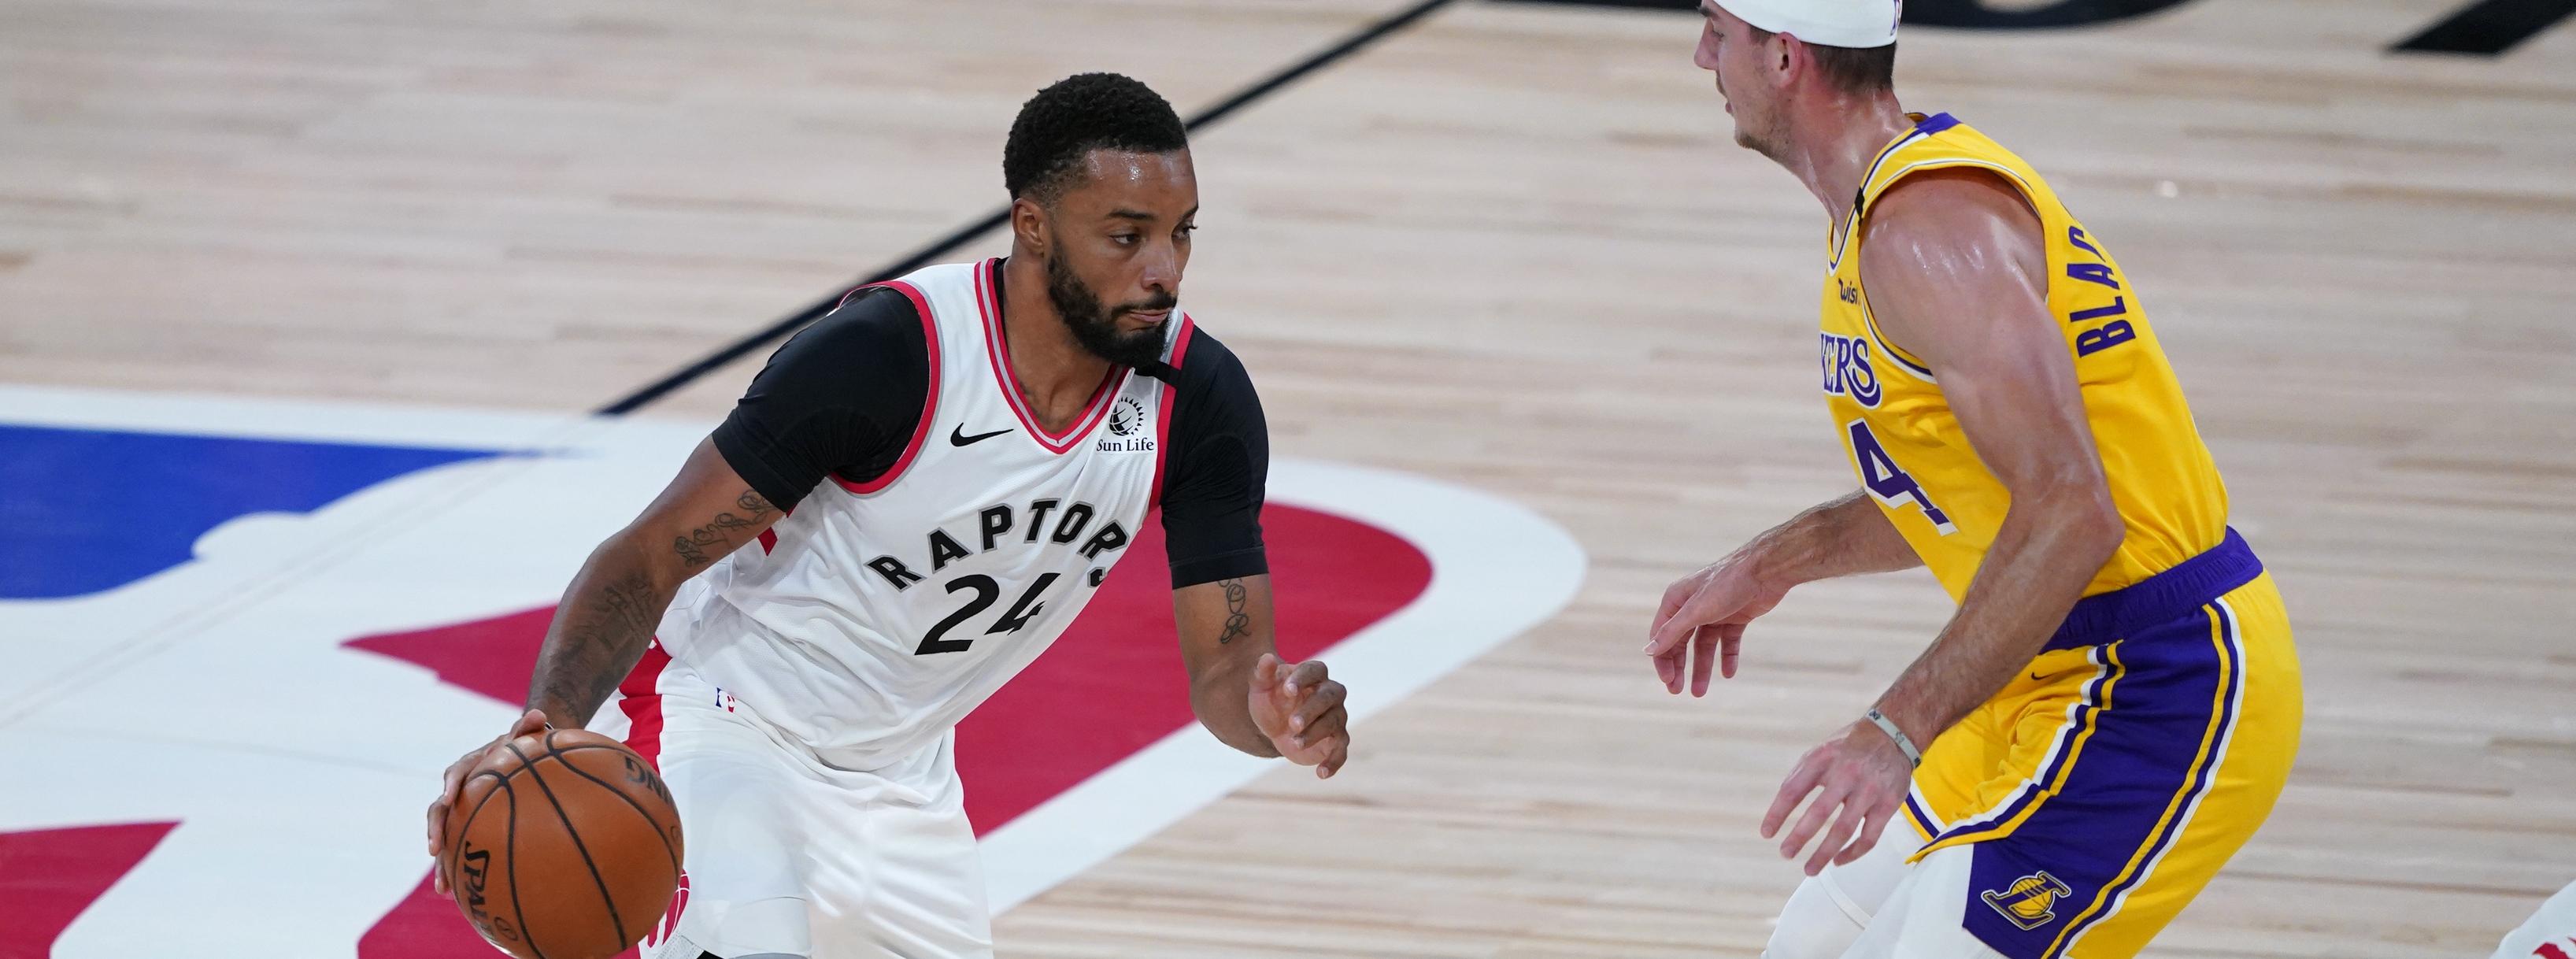 Lakers vs Raptors Pick - Aug 2, 2020